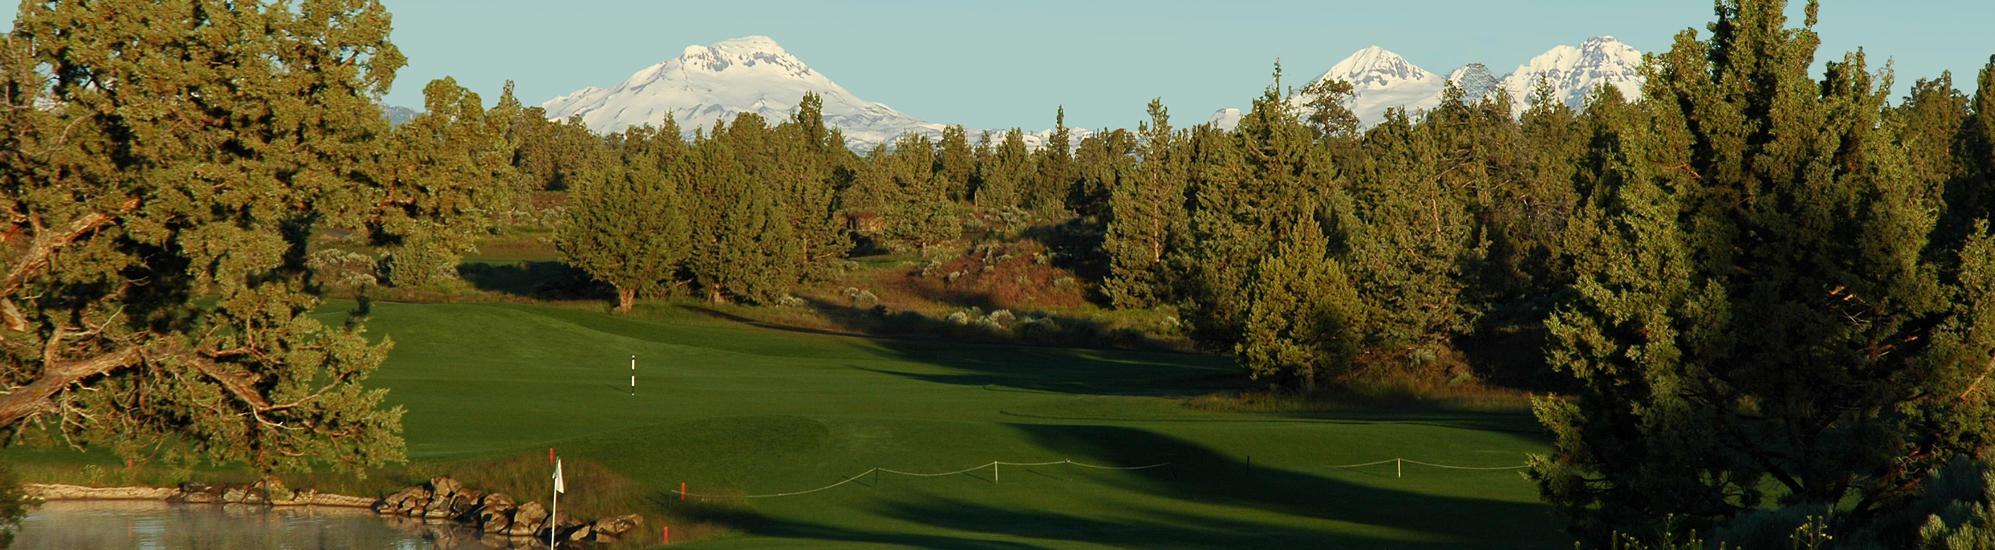 Juniper Golf Course image 8